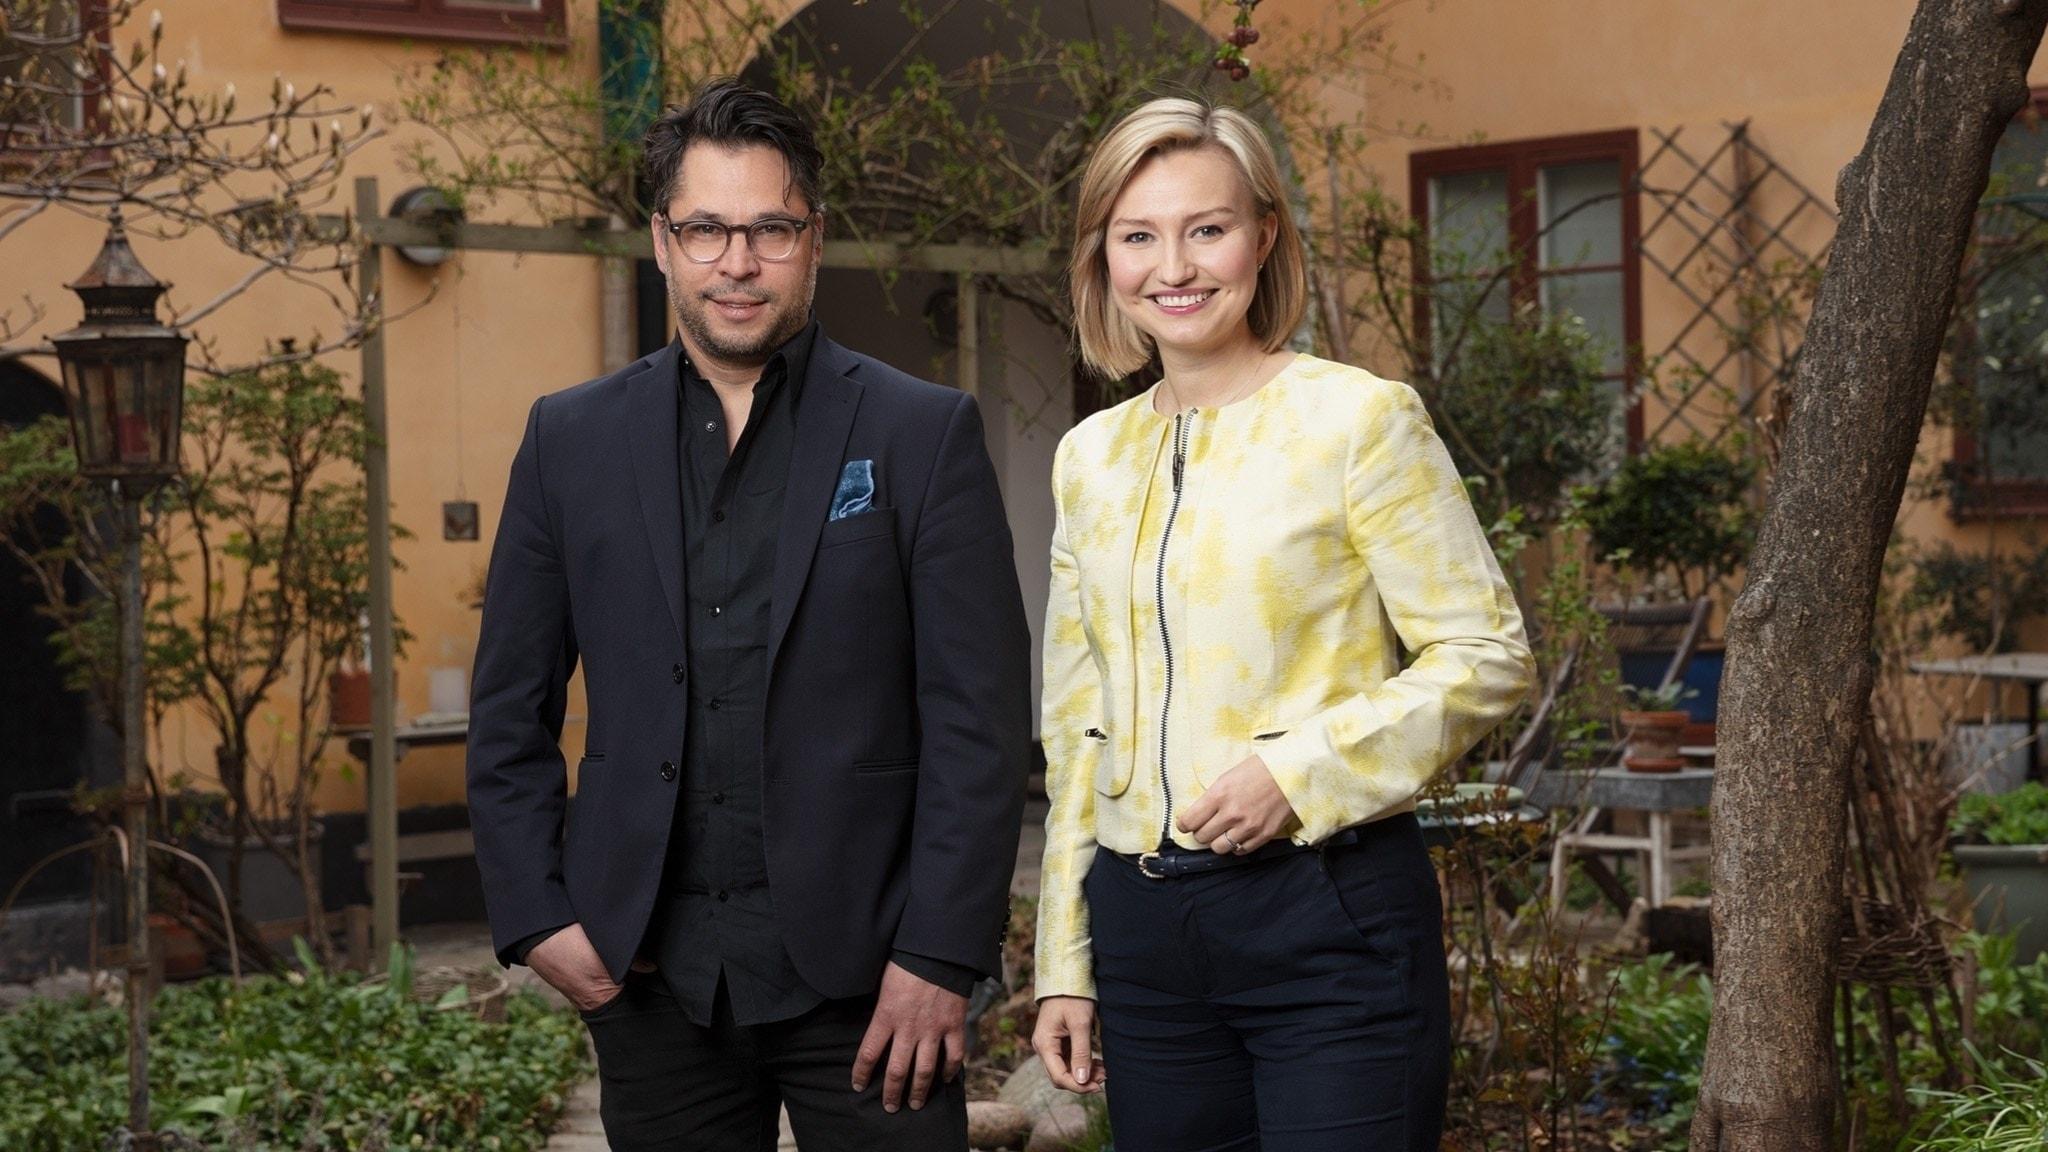 Martin Wicklin, programledare Söndagsintervjun i P1, bredvid Ebba Busch Thor, partiledare Kristdemokraterna